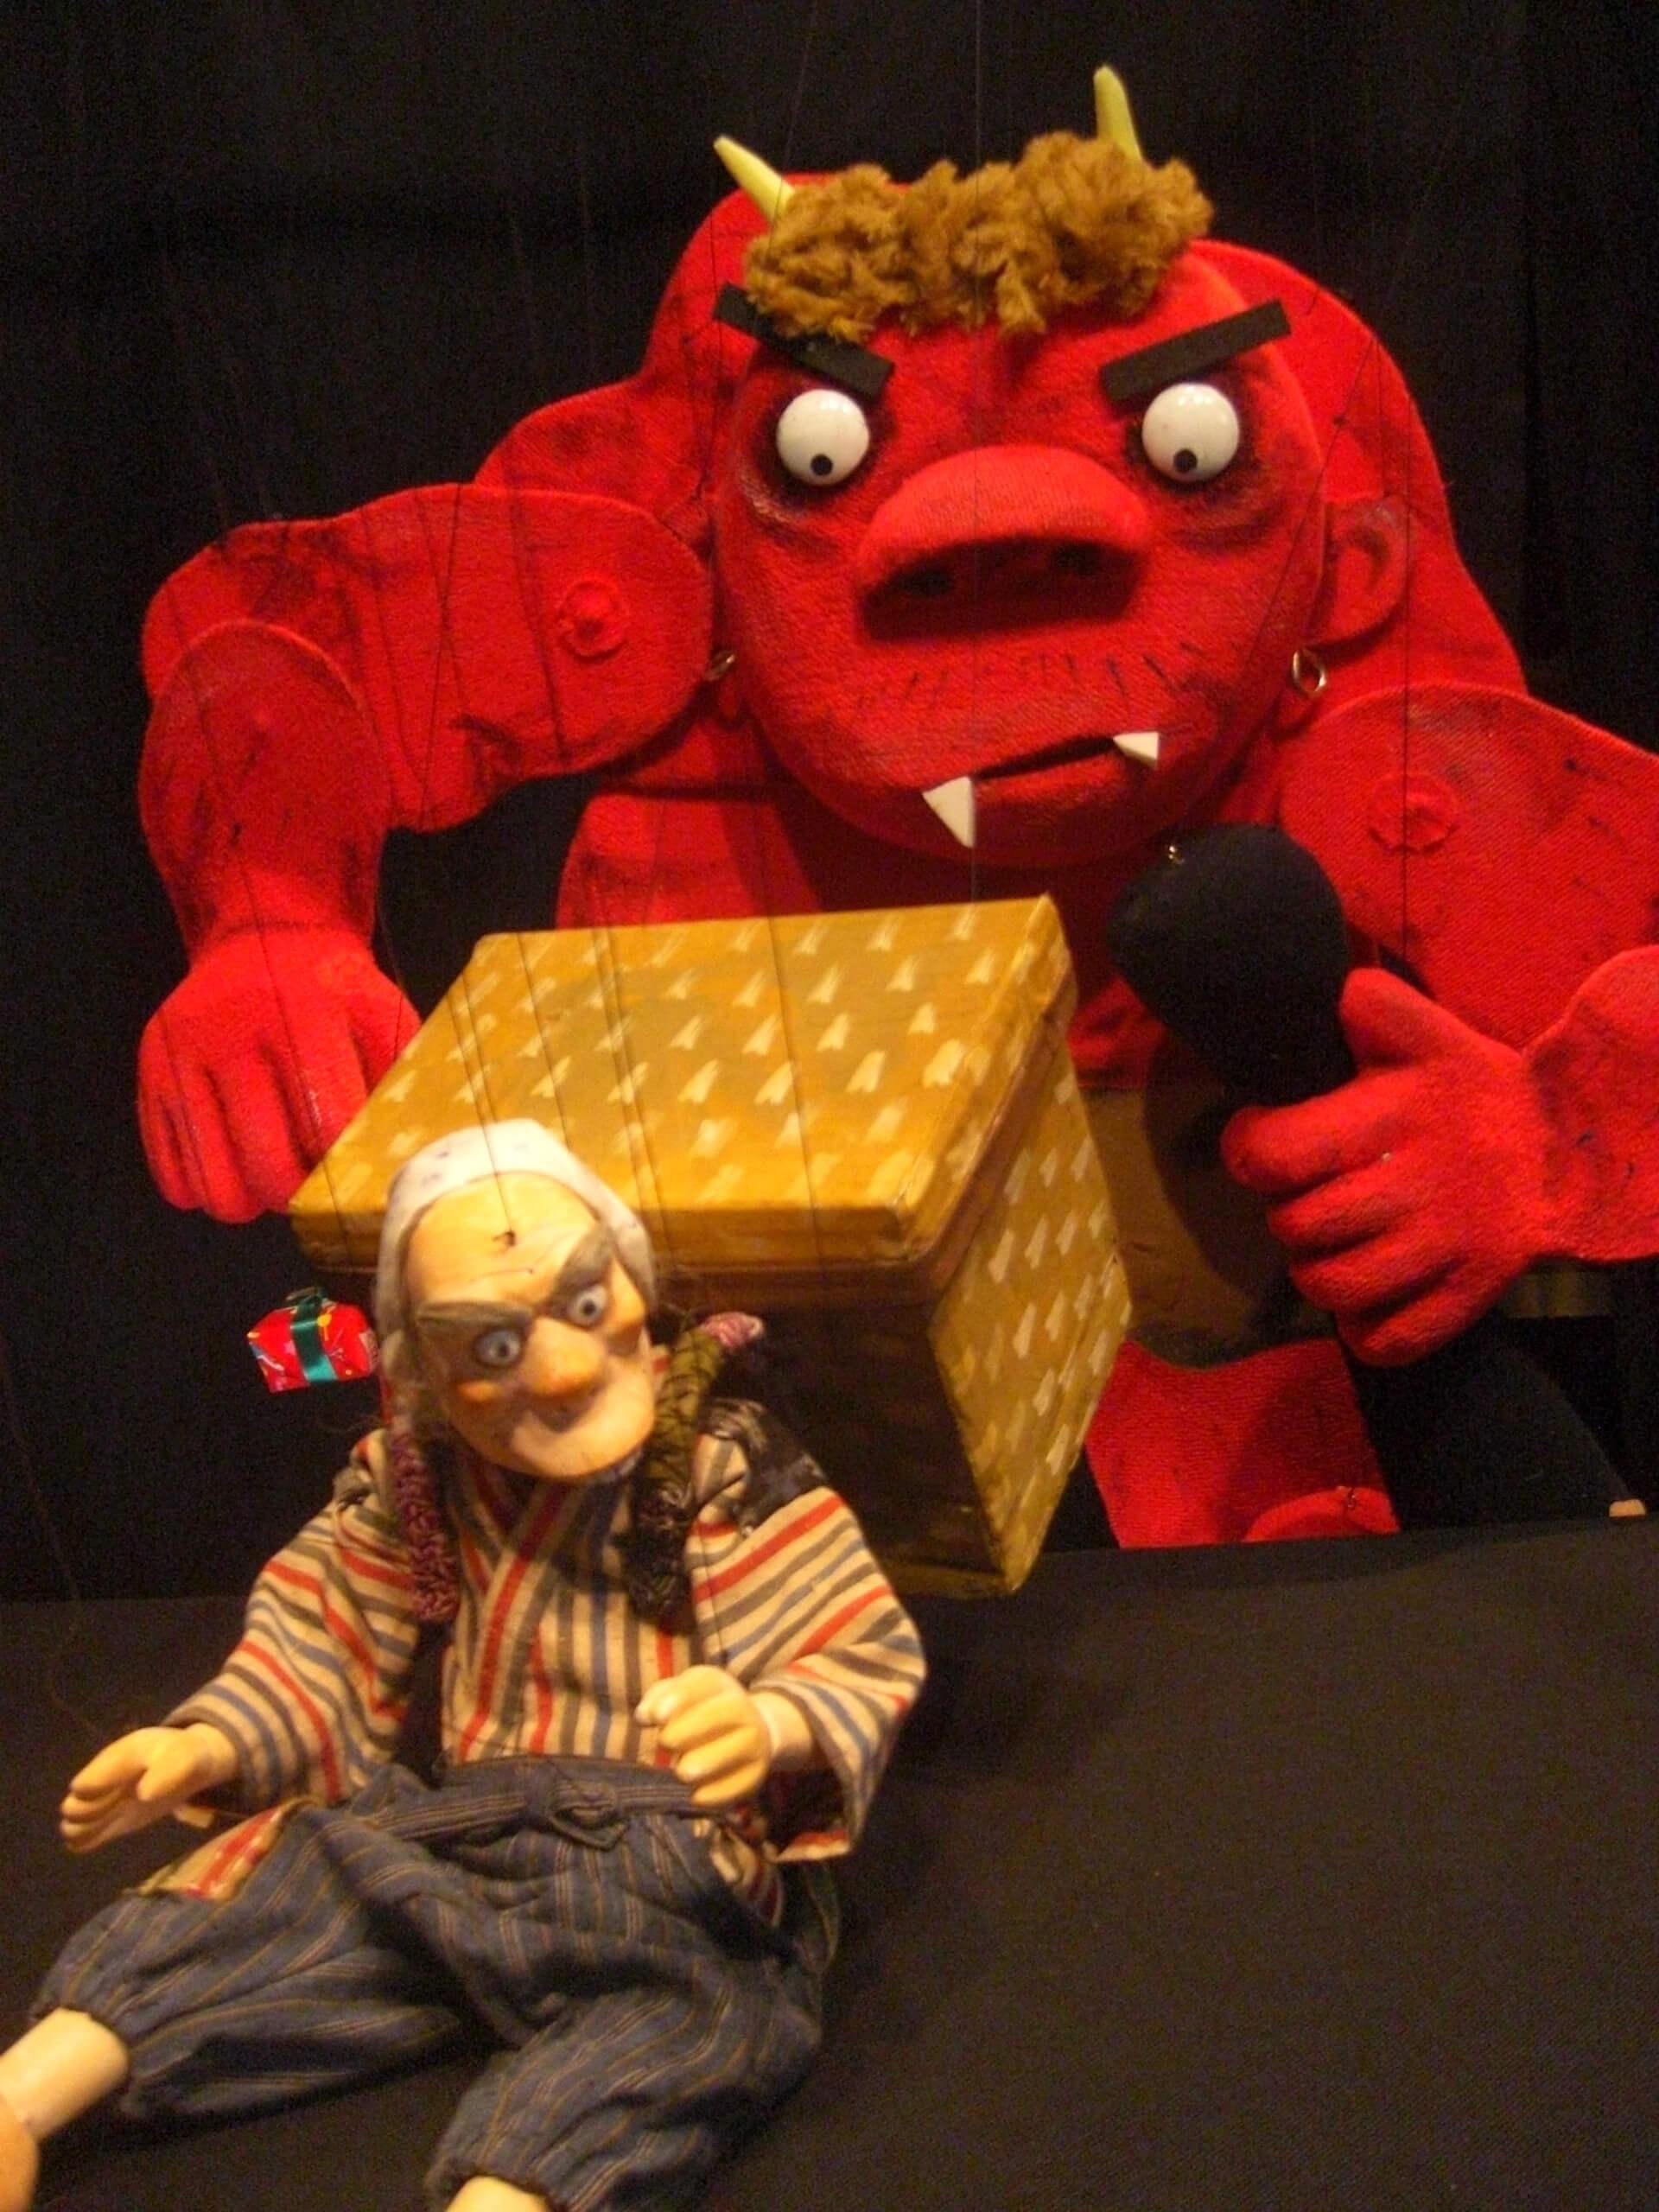 横浜人形の家 人形劇上演「舌切りスズメ」のメインビジュアル・赤鬼が襲っている写真